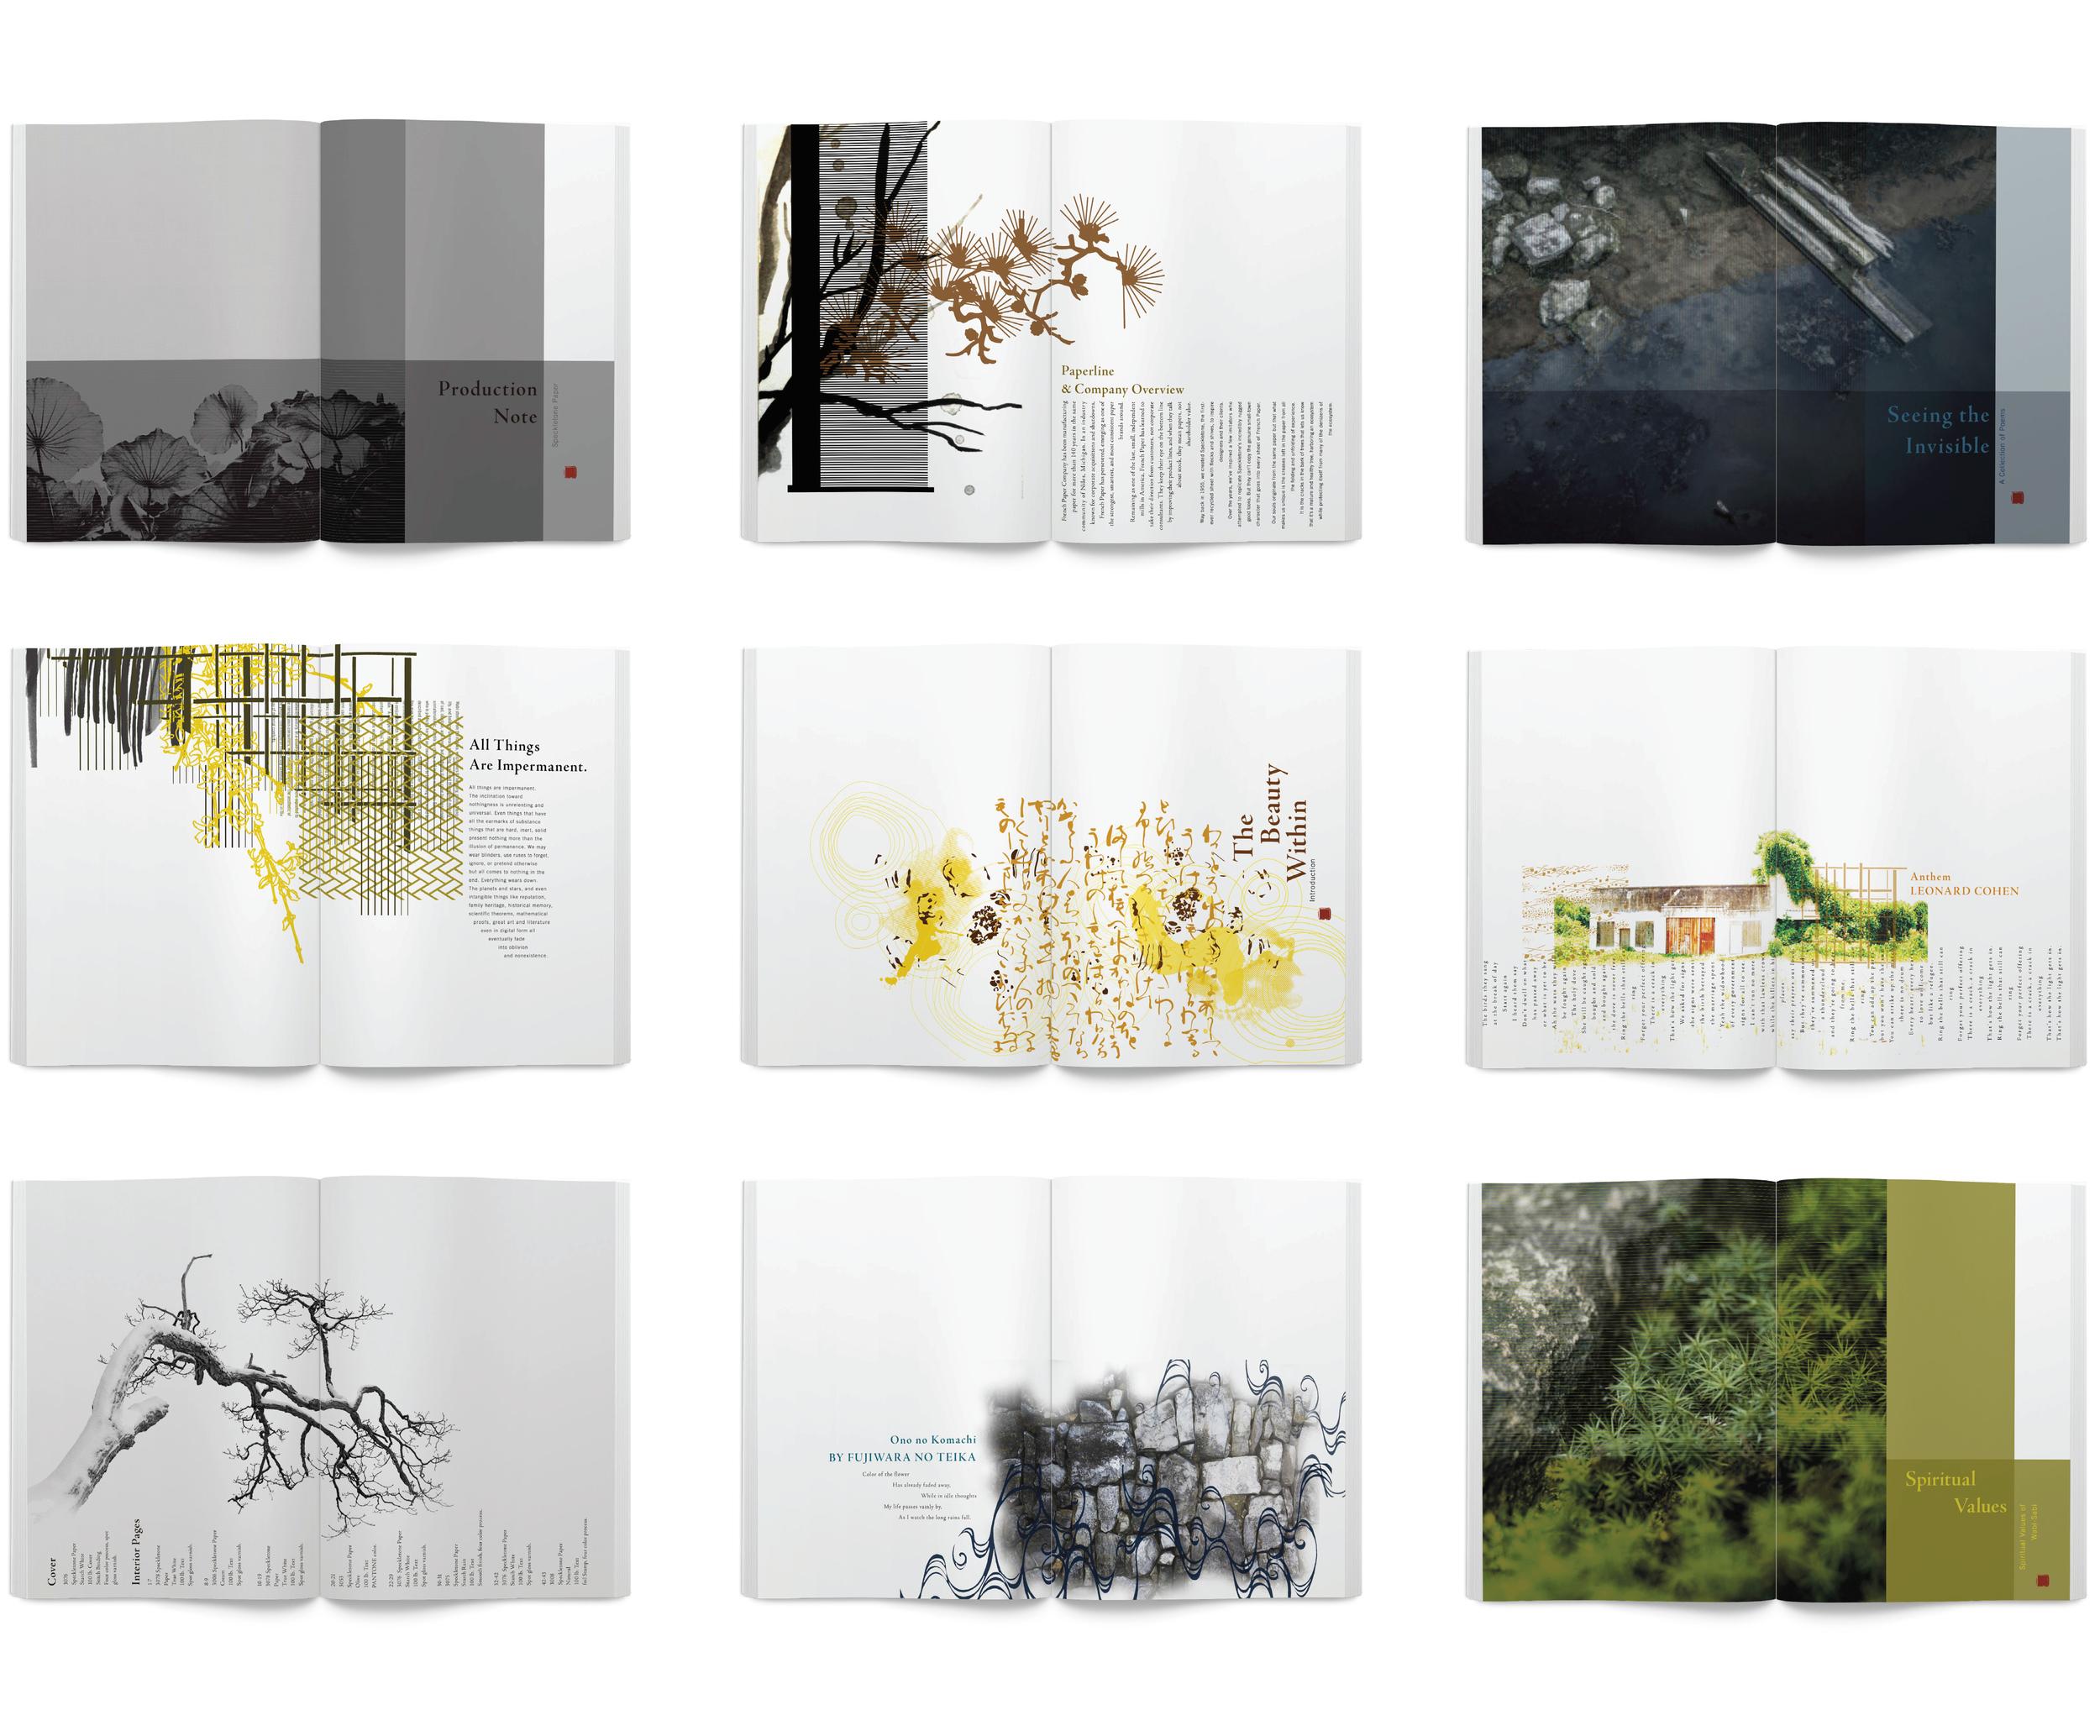 Ni-Dong_Portfolio_pages.jpg